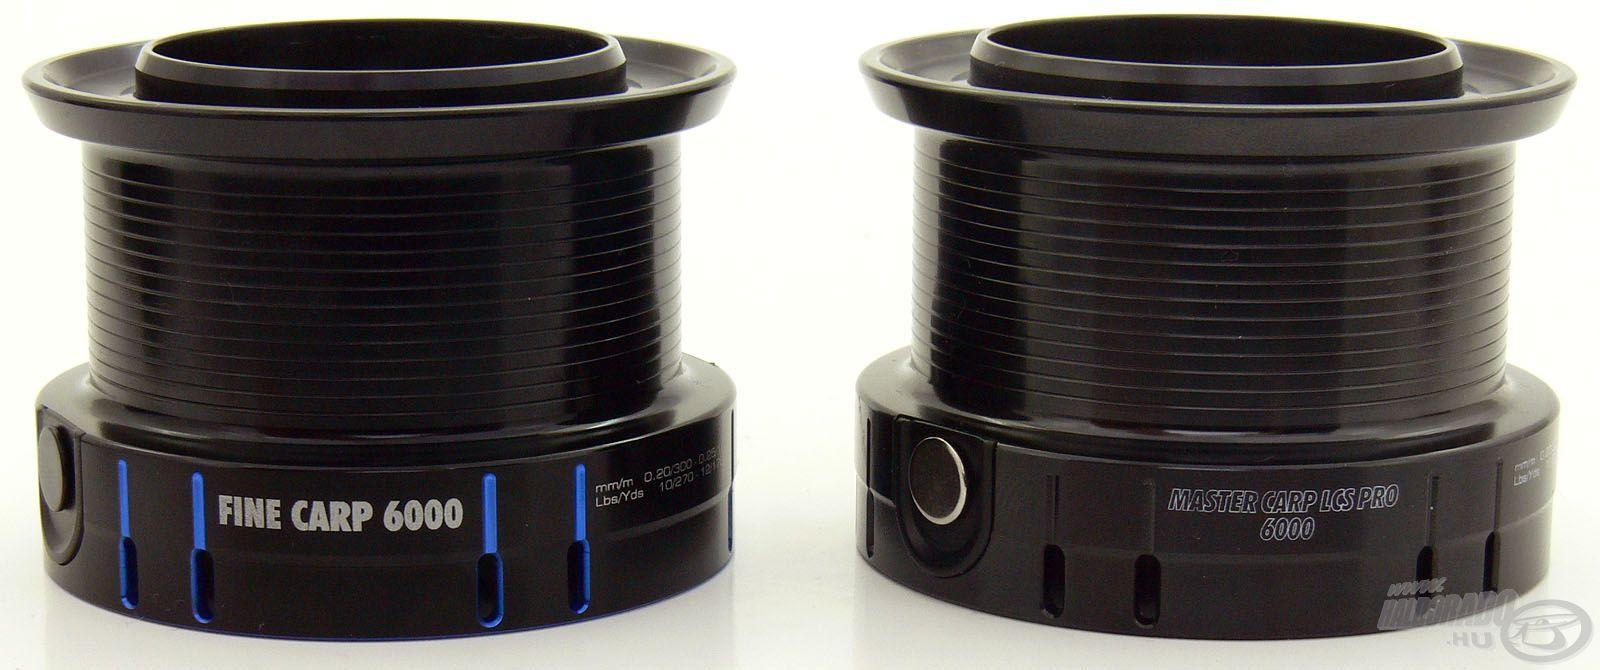 A két orsó 5000-es és 6000-es méretváltozatainak dobjai teljes mértékben azonos méretűek